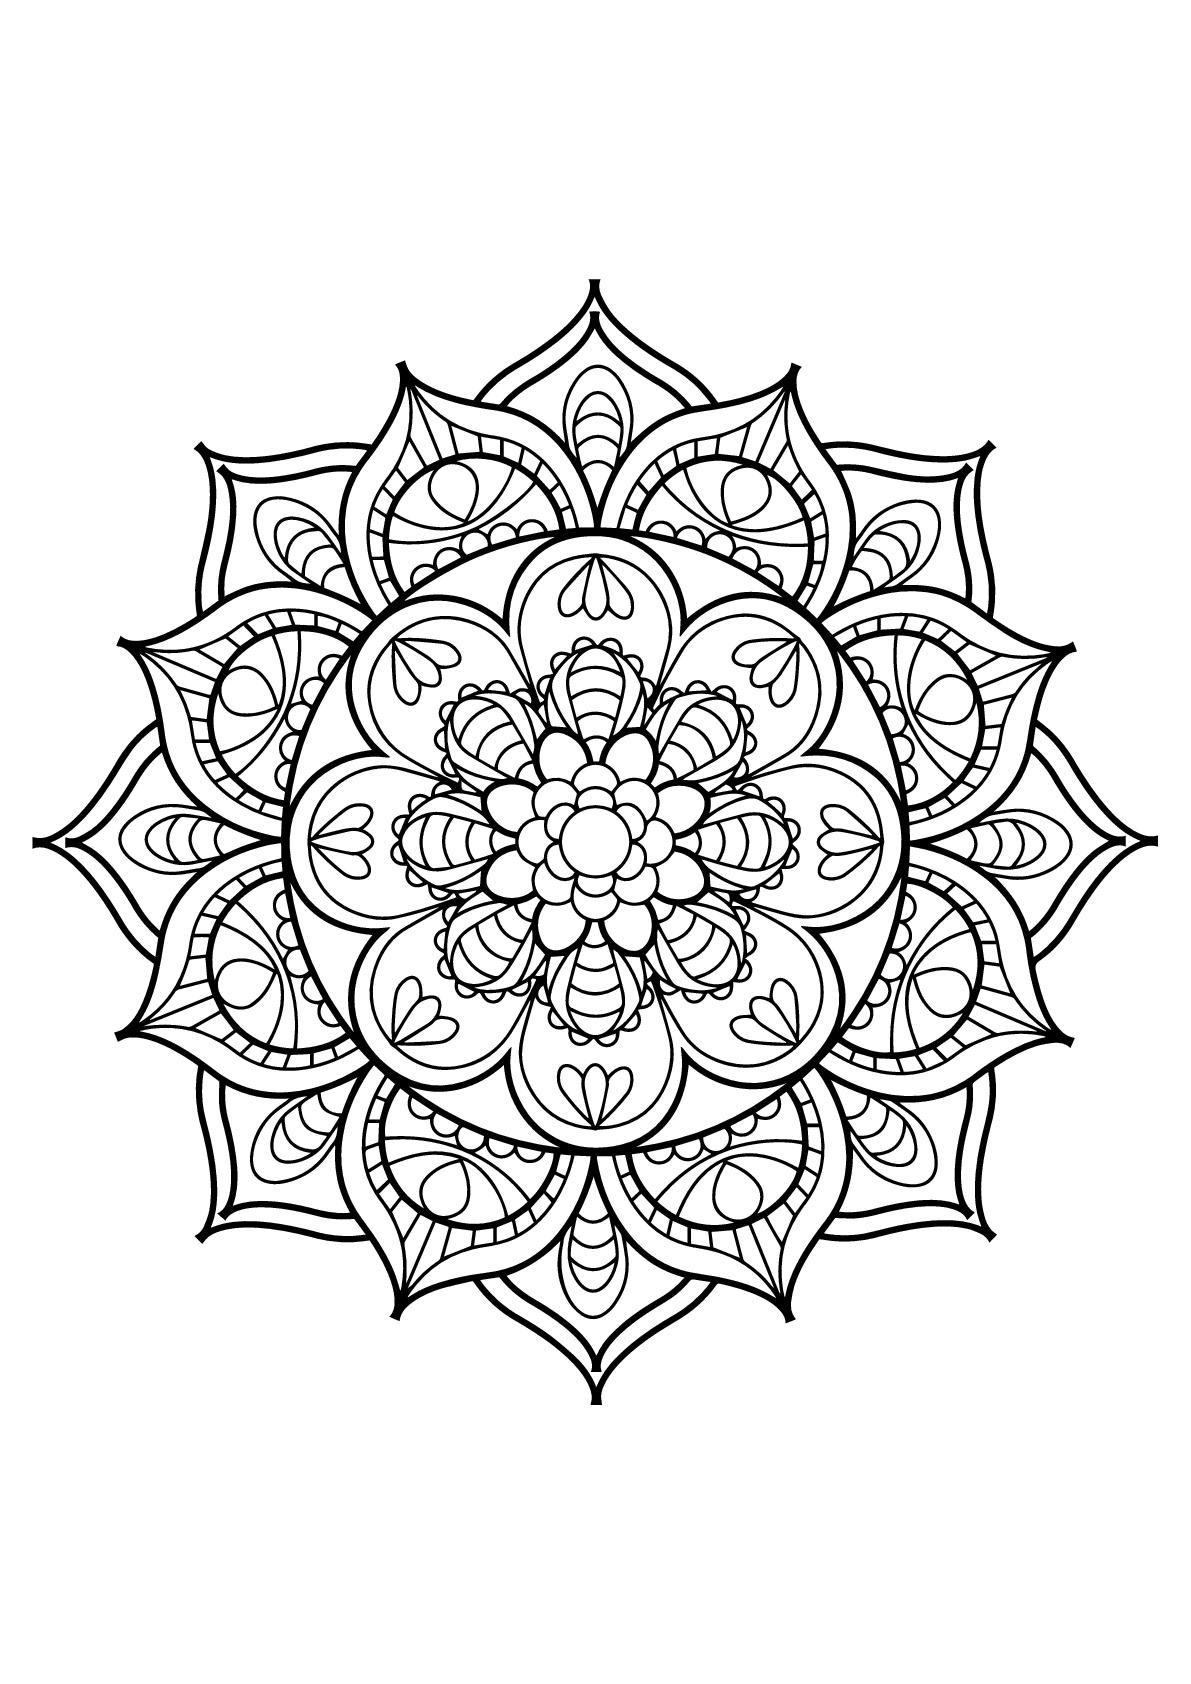 Mandala livre gratuit 11 mandalas coloriages - Imprimer des mandalas gratuit ...